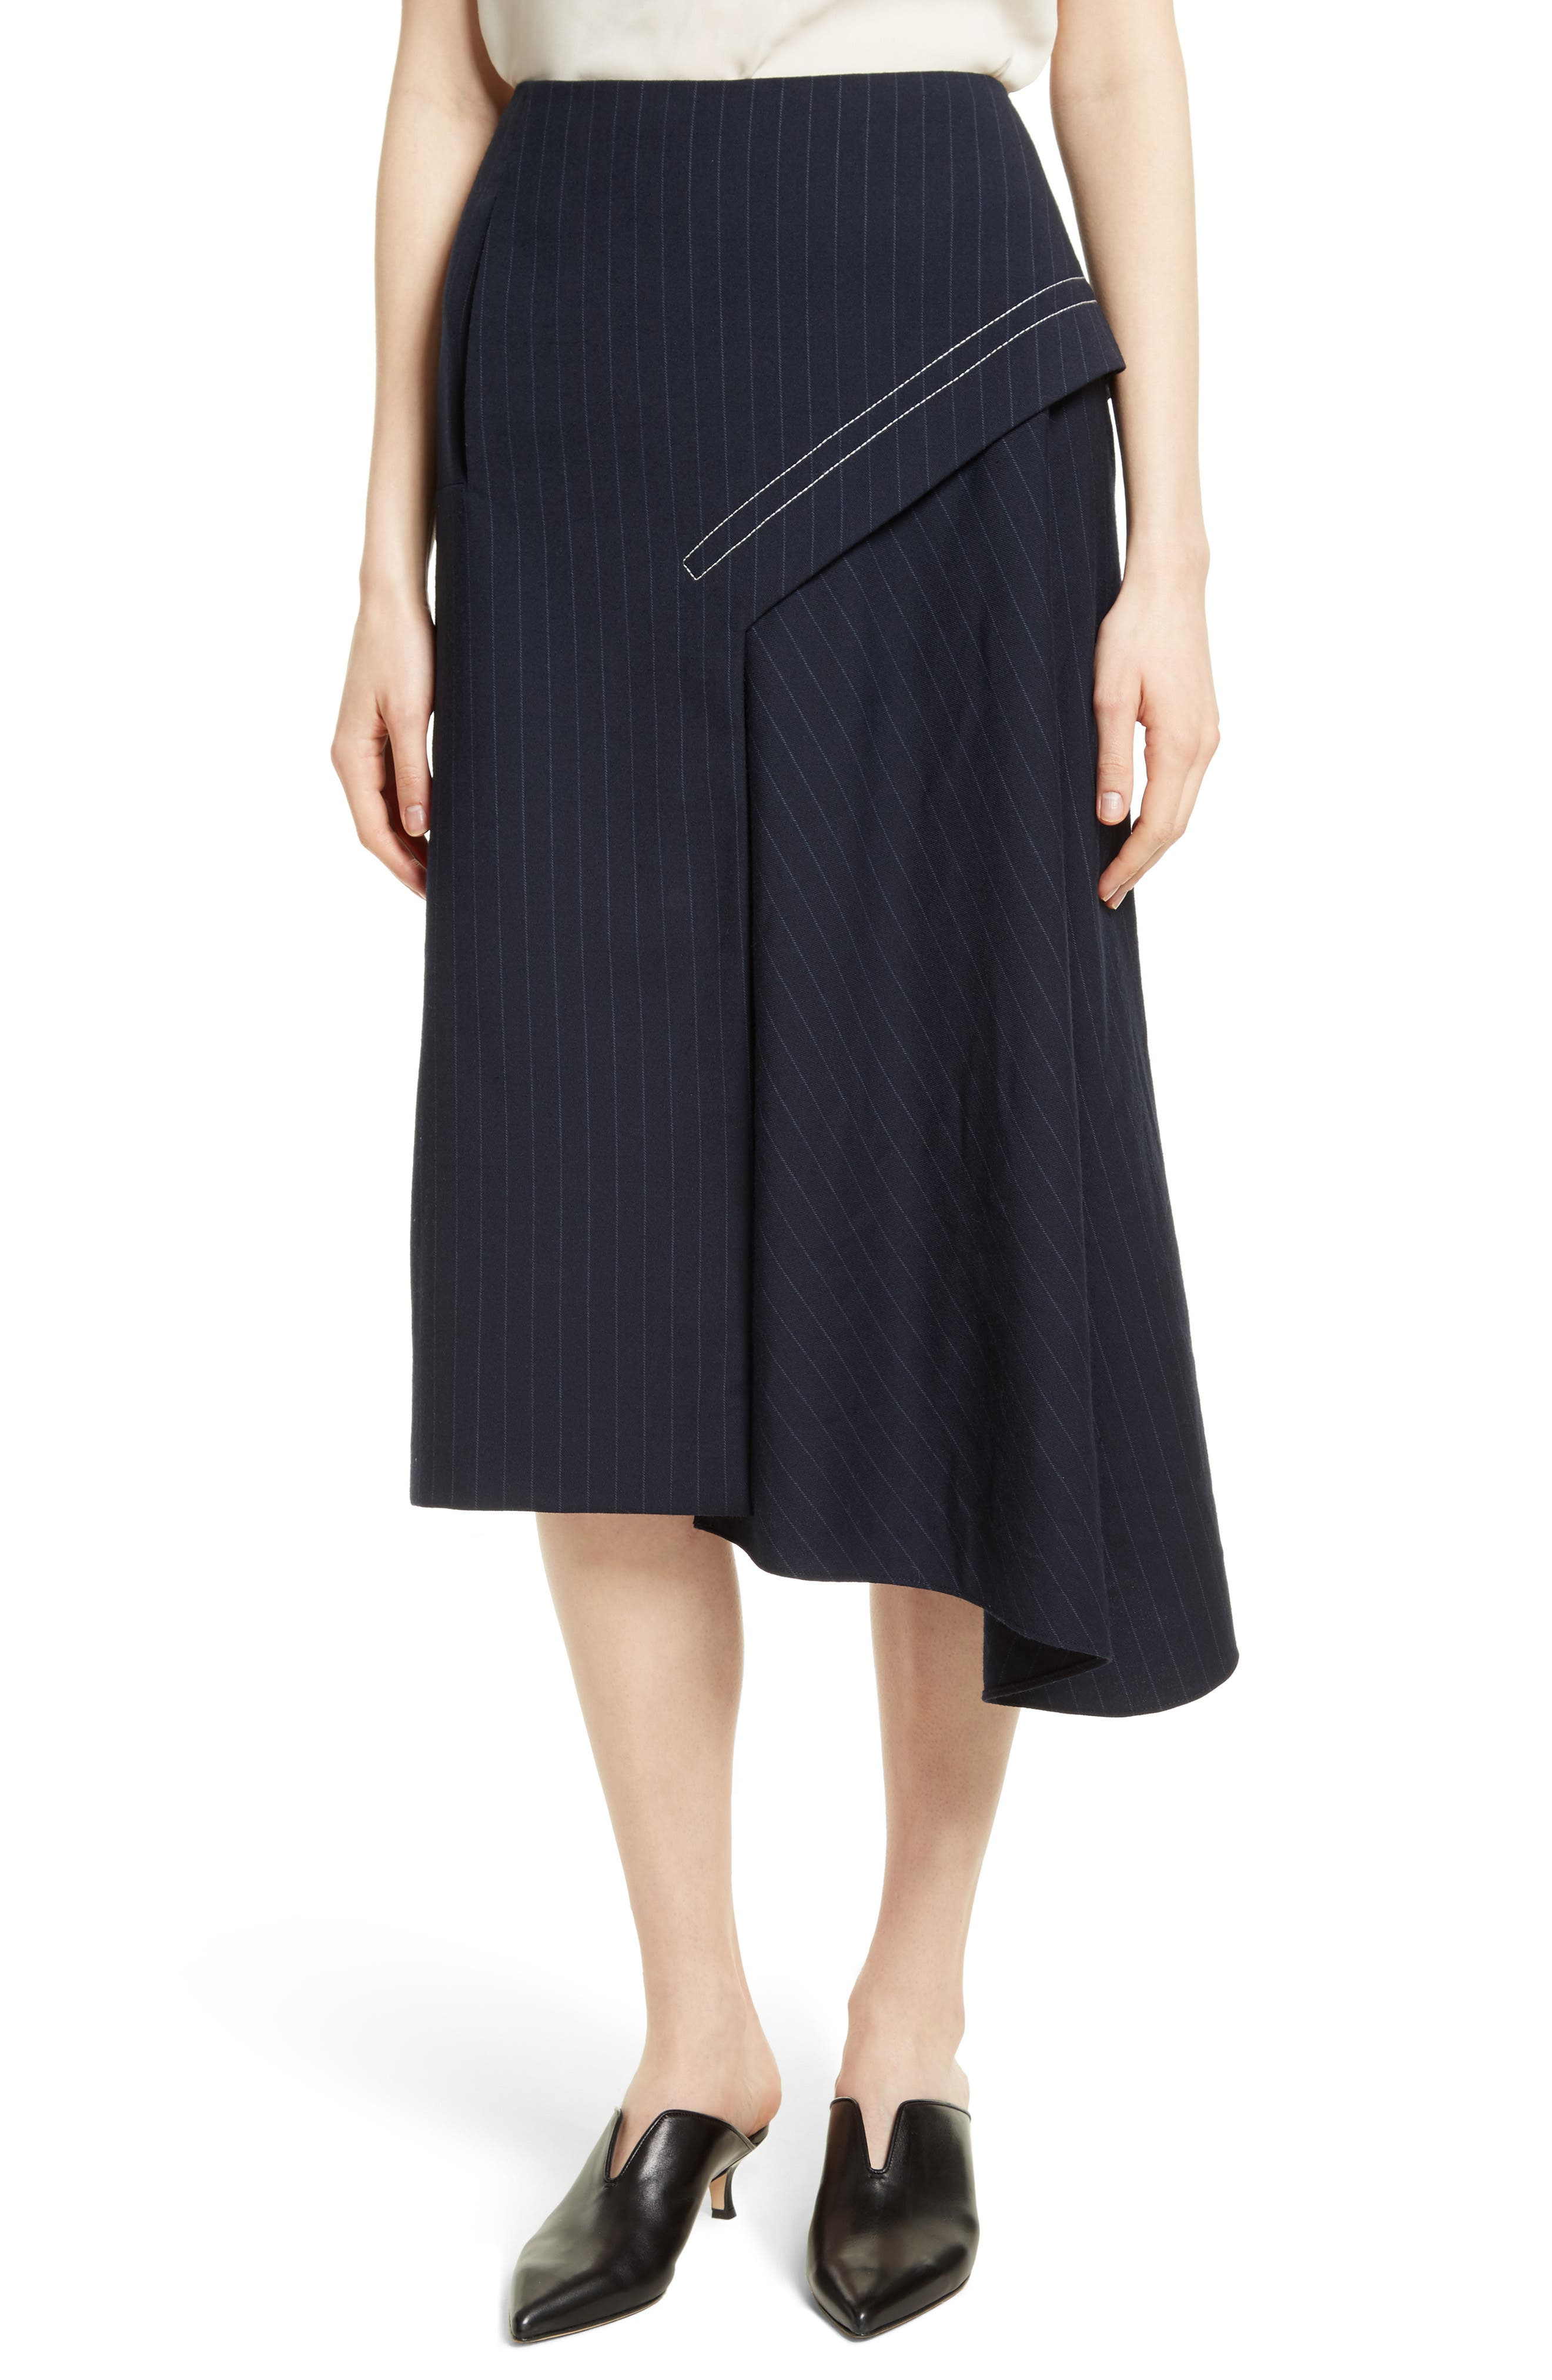 Tibi Delmont Draped Midi Skirt